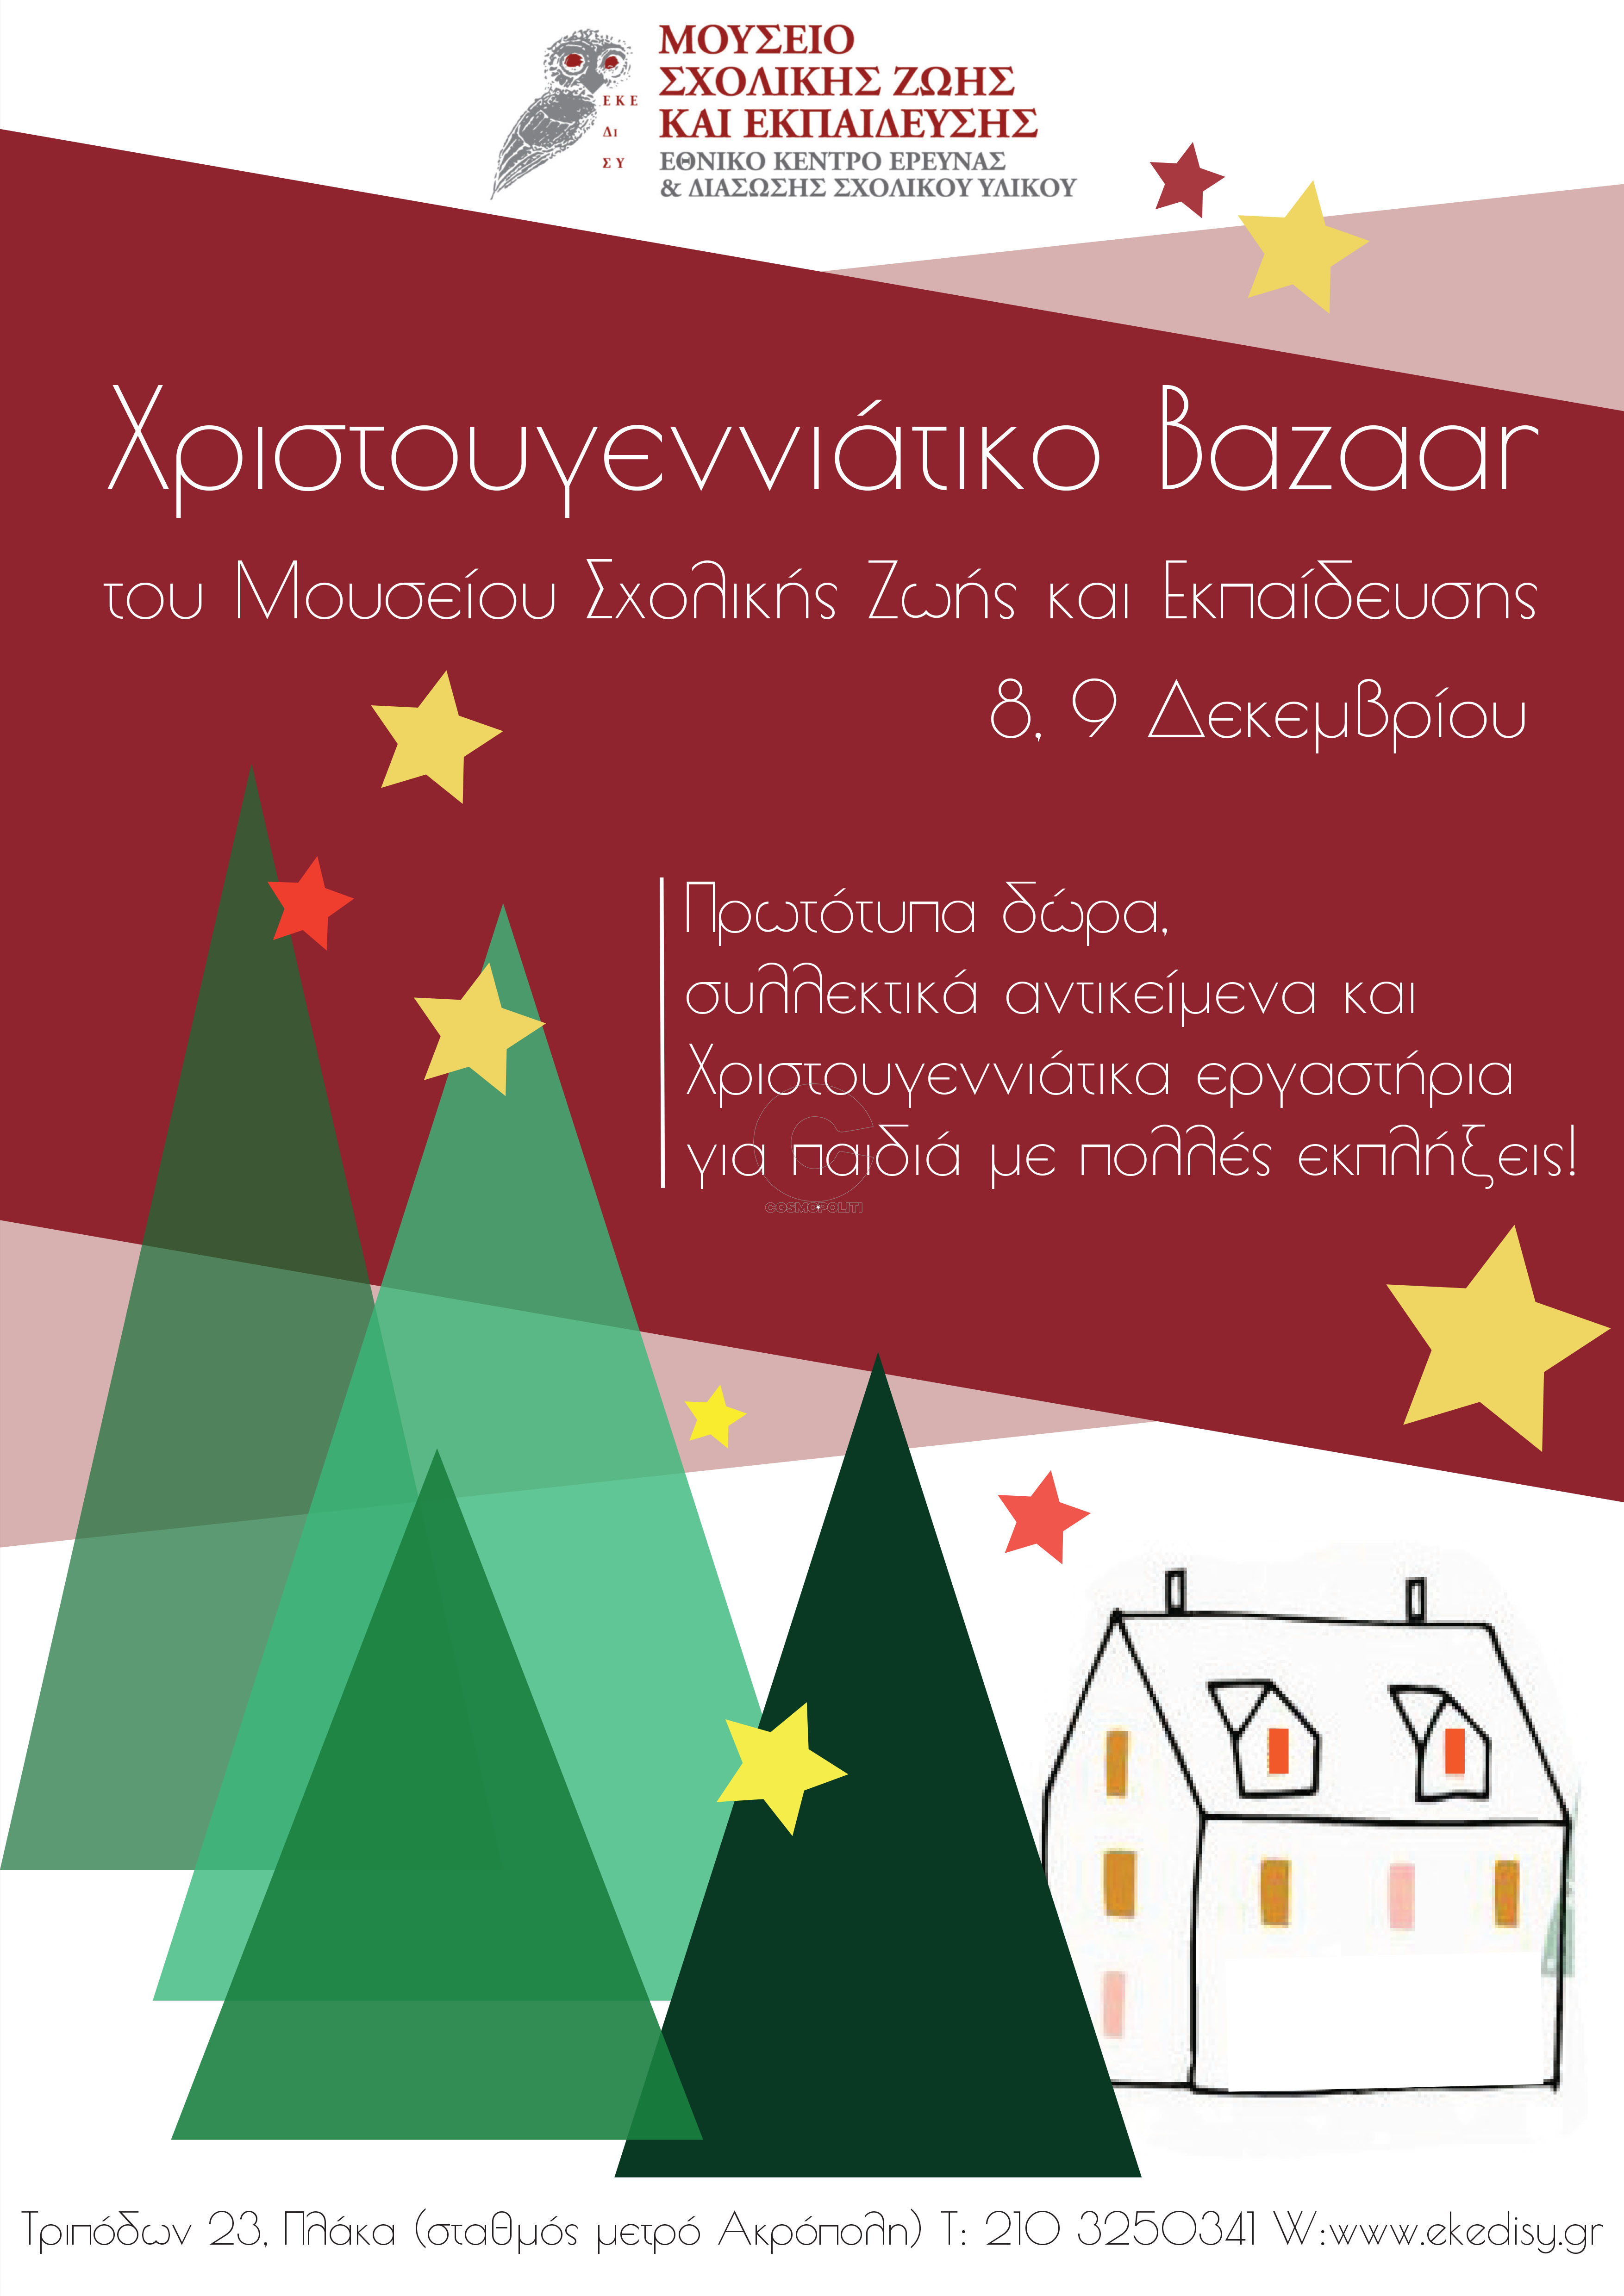 Χριστουγεννιάτικο Bazaar στο Μουσείο Σχολικής Ζωής και Εκπαίδευσης ... 7c1ea530af2